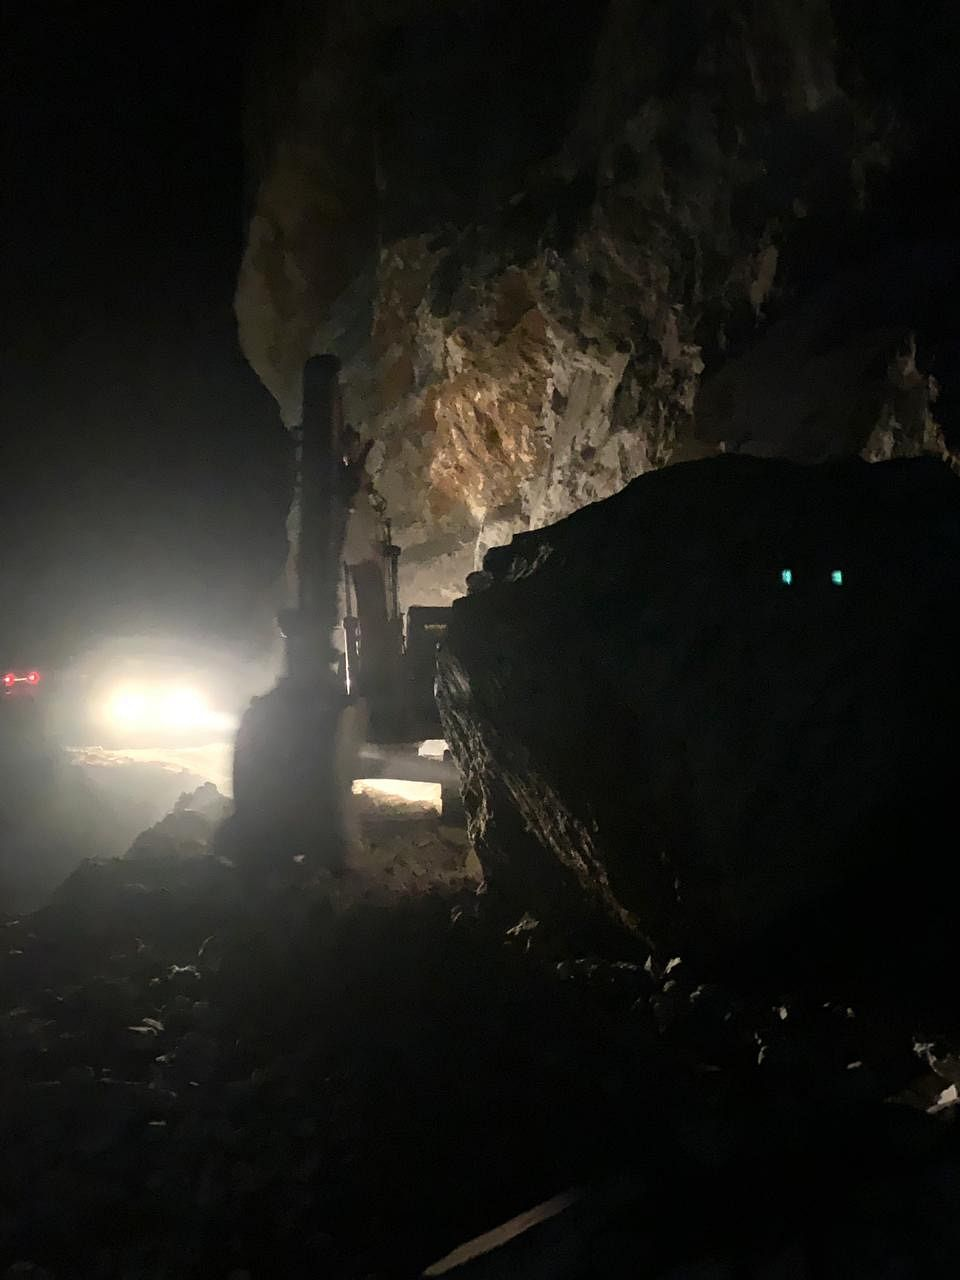 Traffic on Srinagar-Leh highway suspended due to multiple landslides